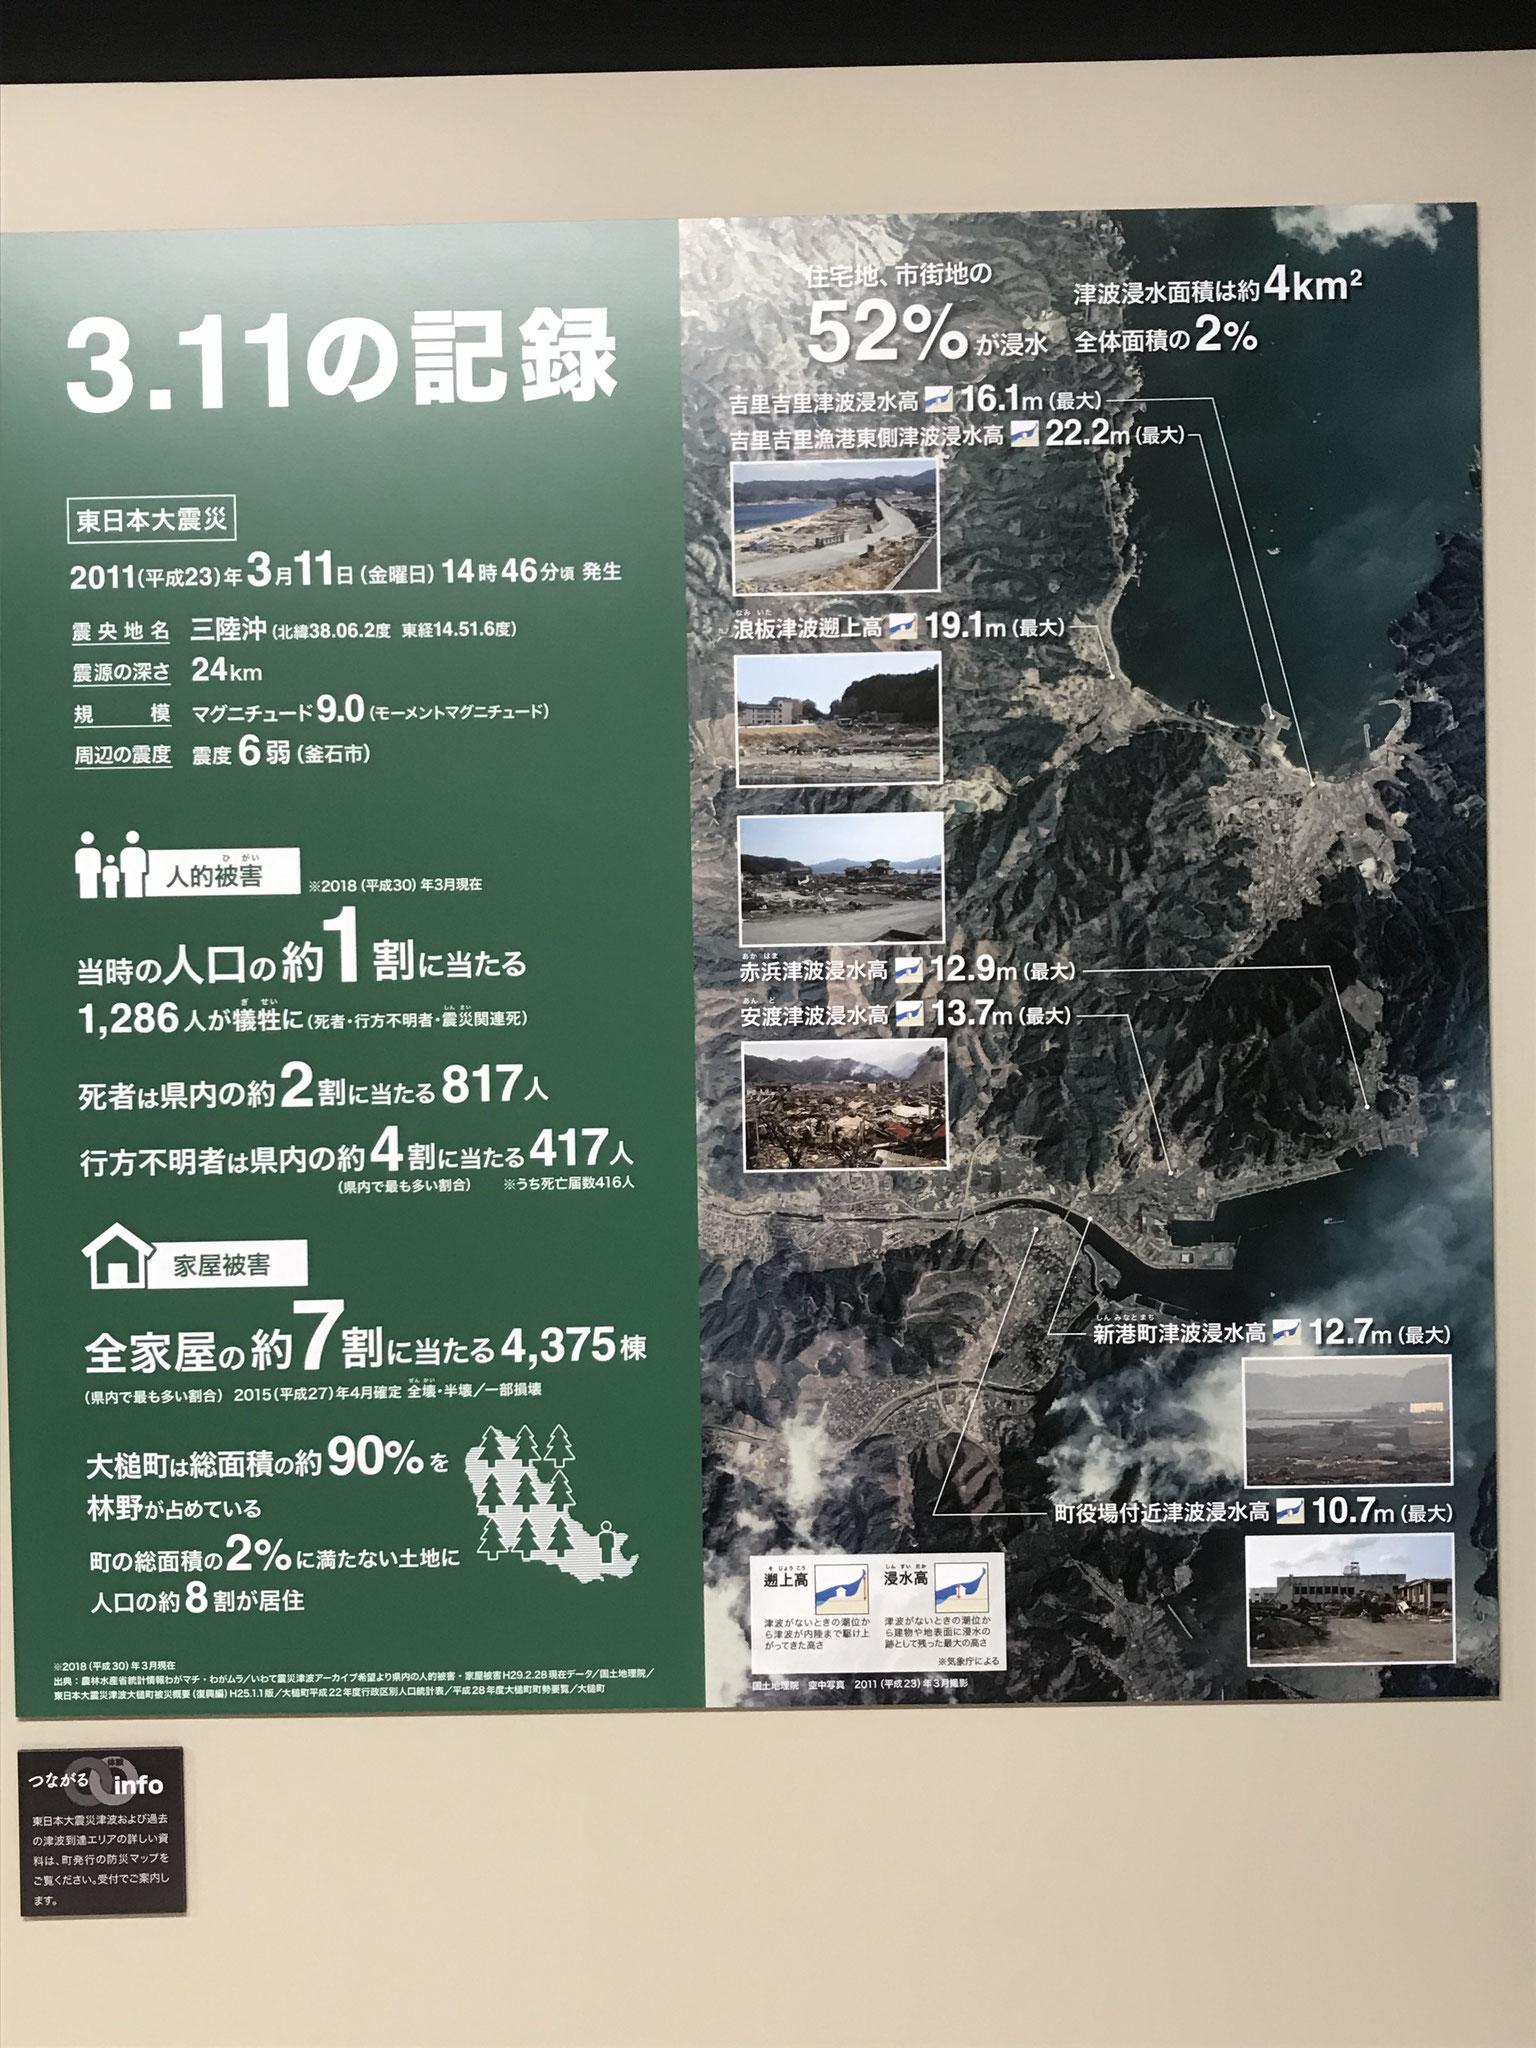 「おしゃっち」2階の震災伝承展示室のパネル